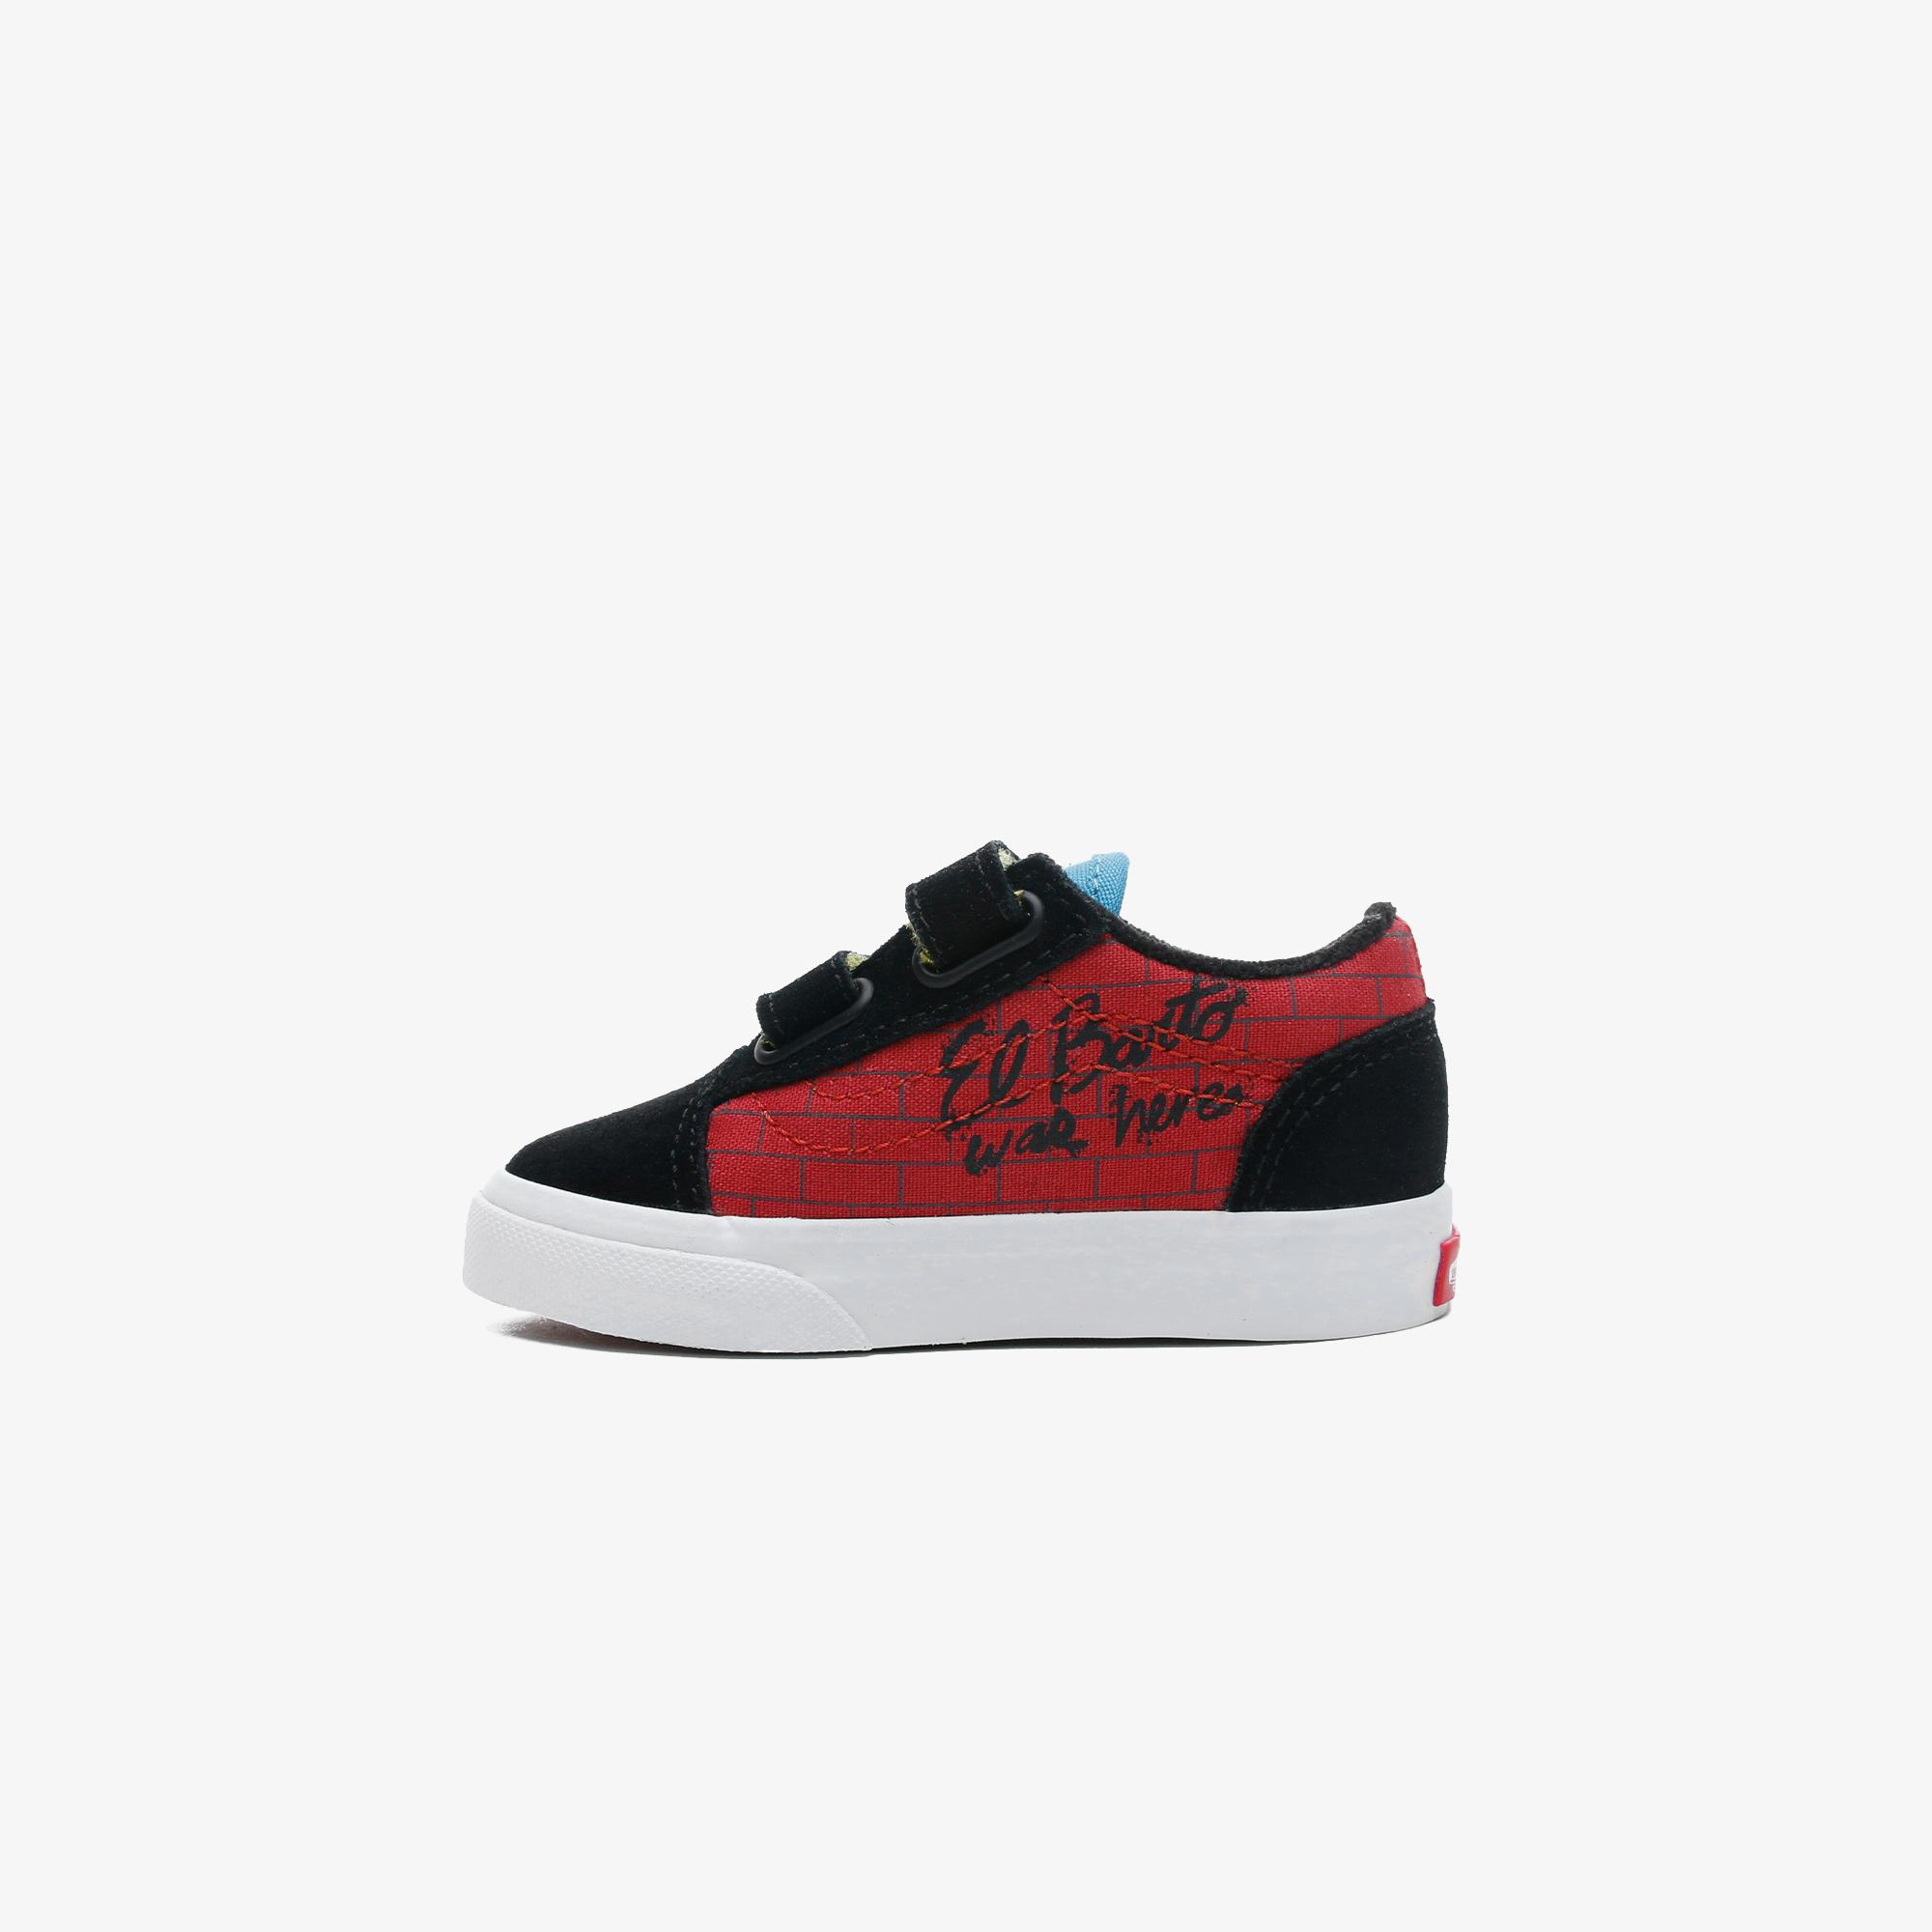 Vans x The Simpsons Bebek Kırmızı Spor Ayakkabı